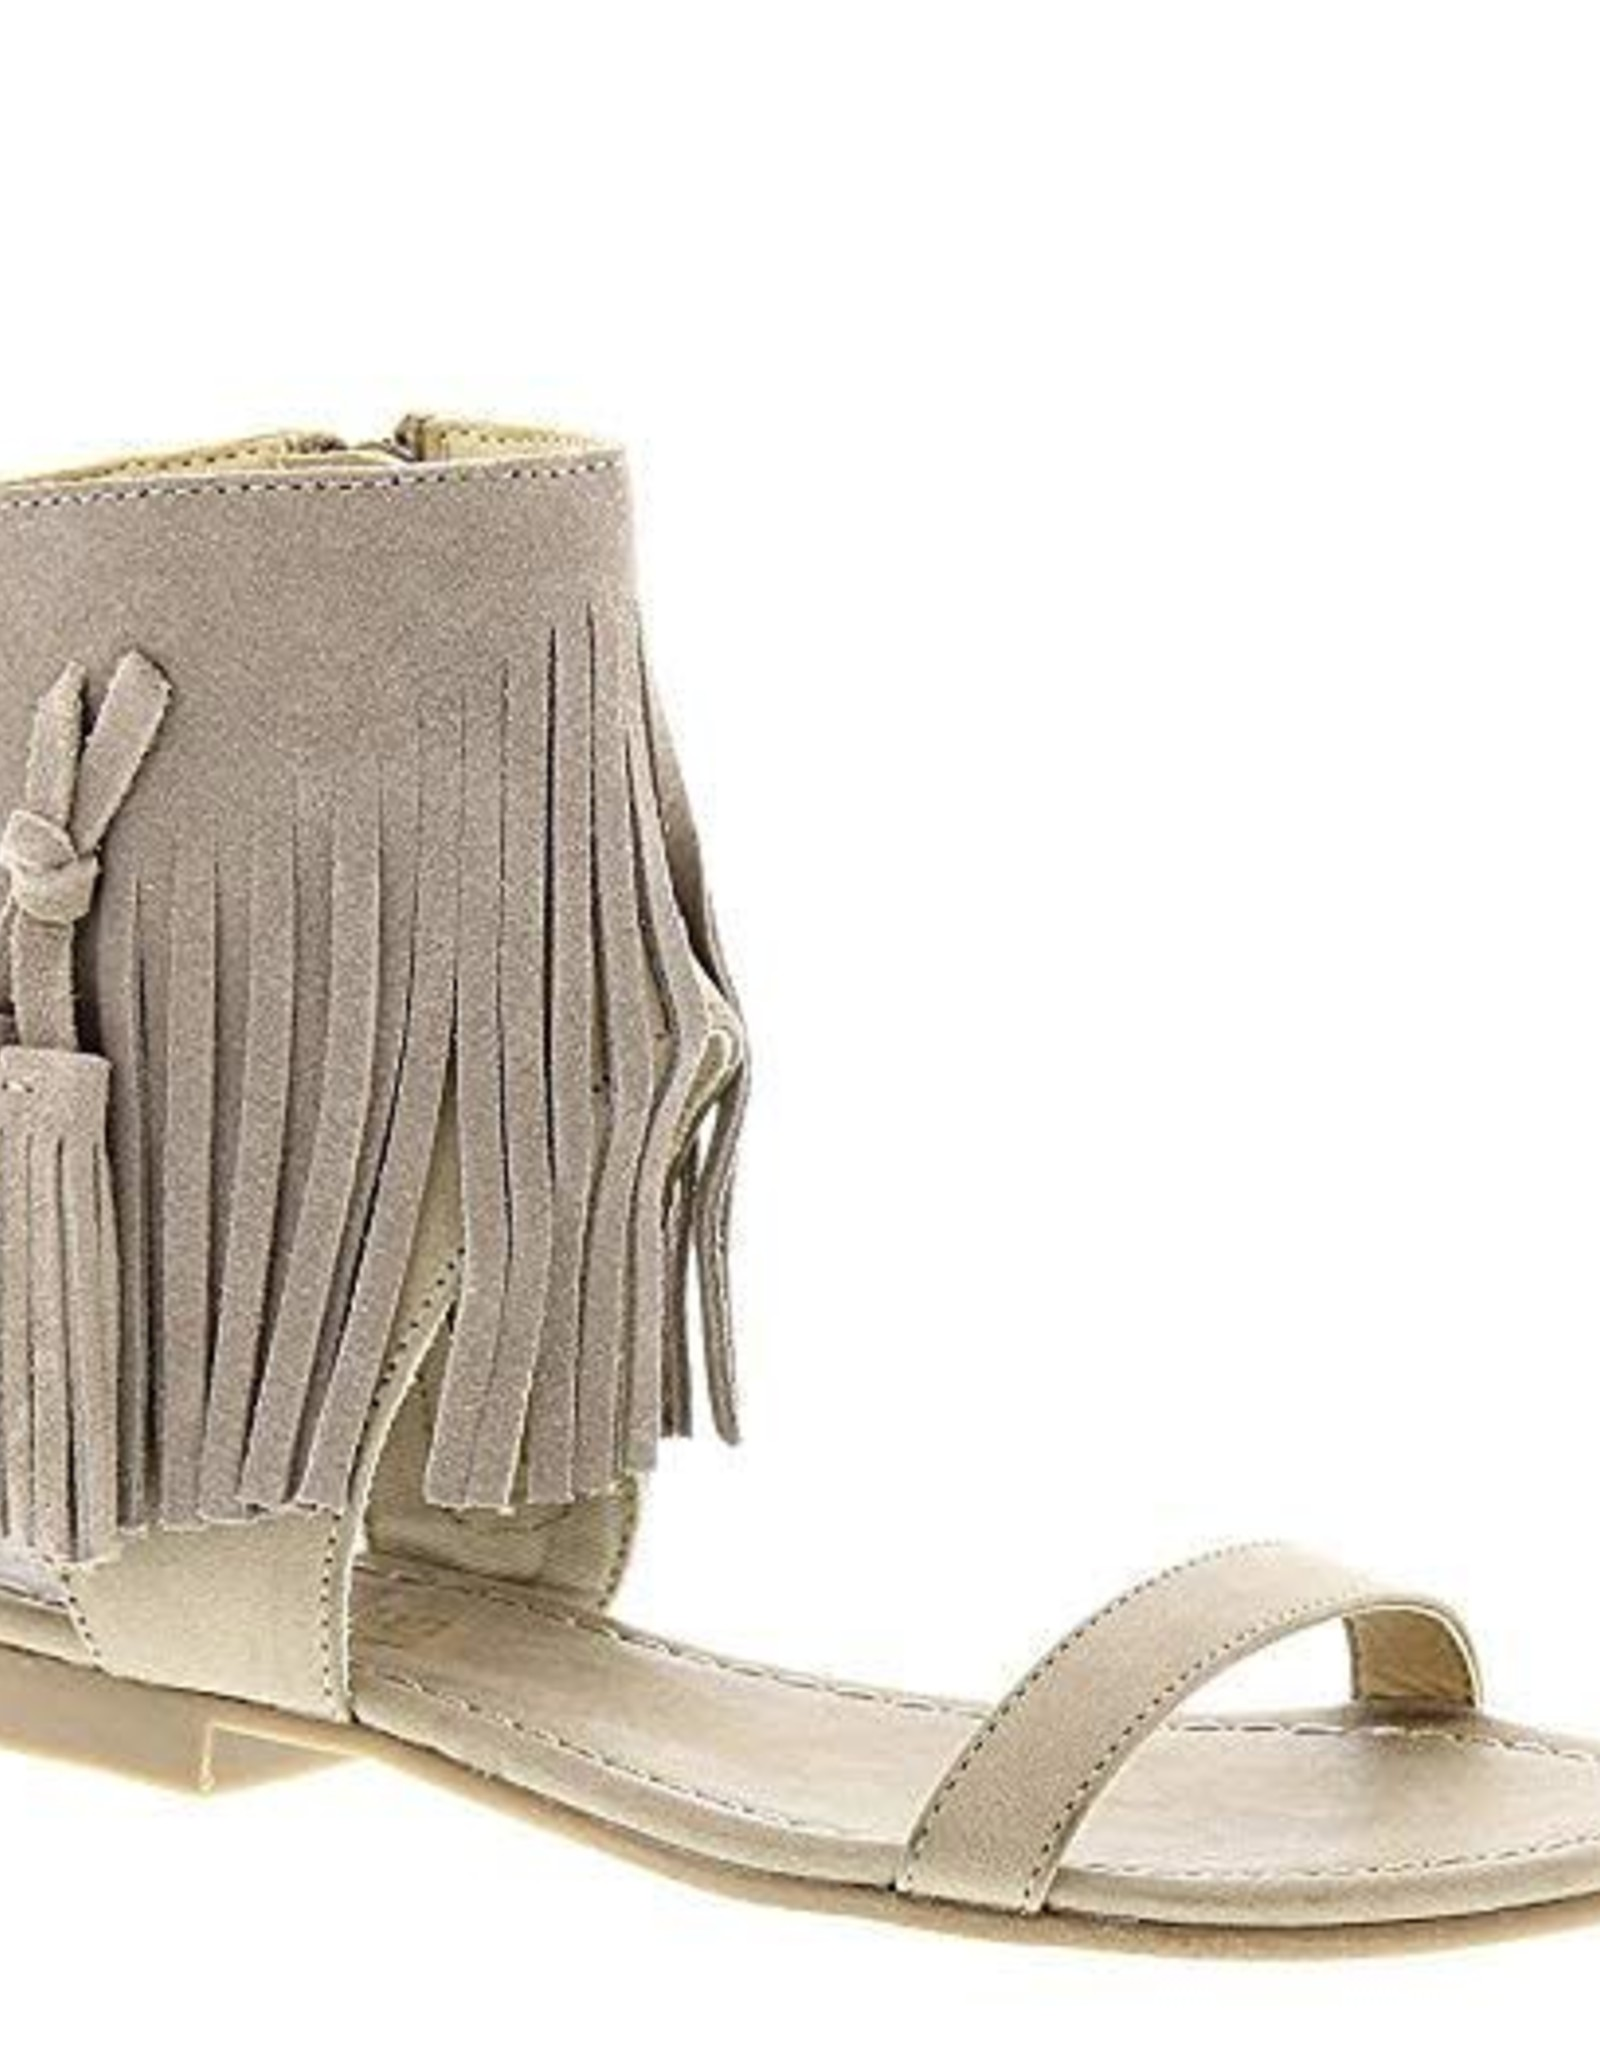 Volatile Saige Sandals in Taupe